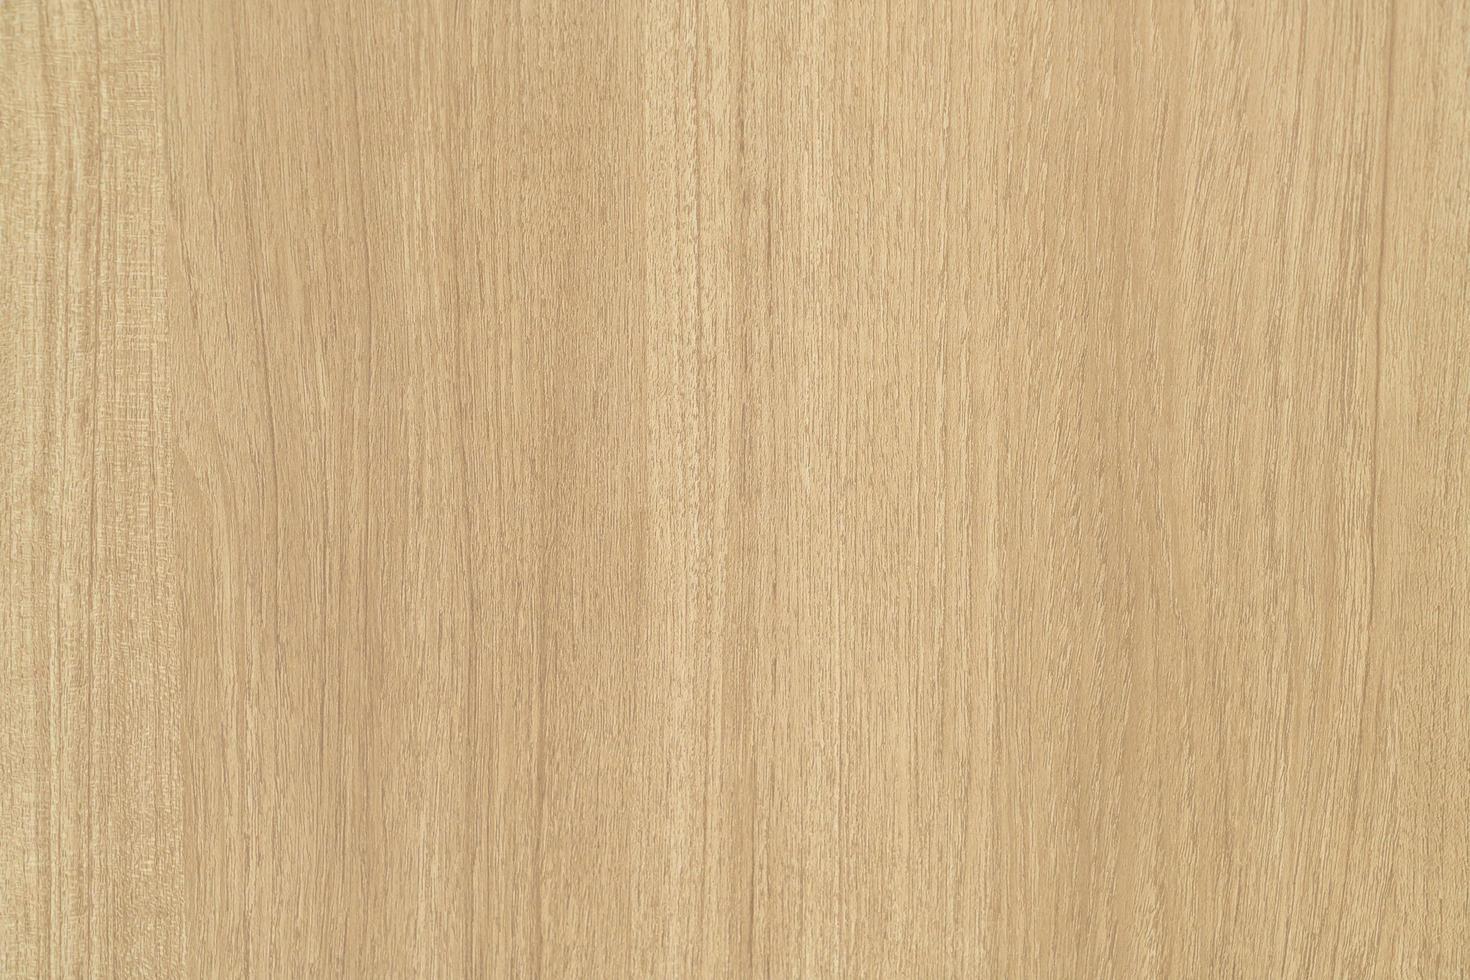 schöne Holzwandstruktur für Hintergrund oder Tapete foto